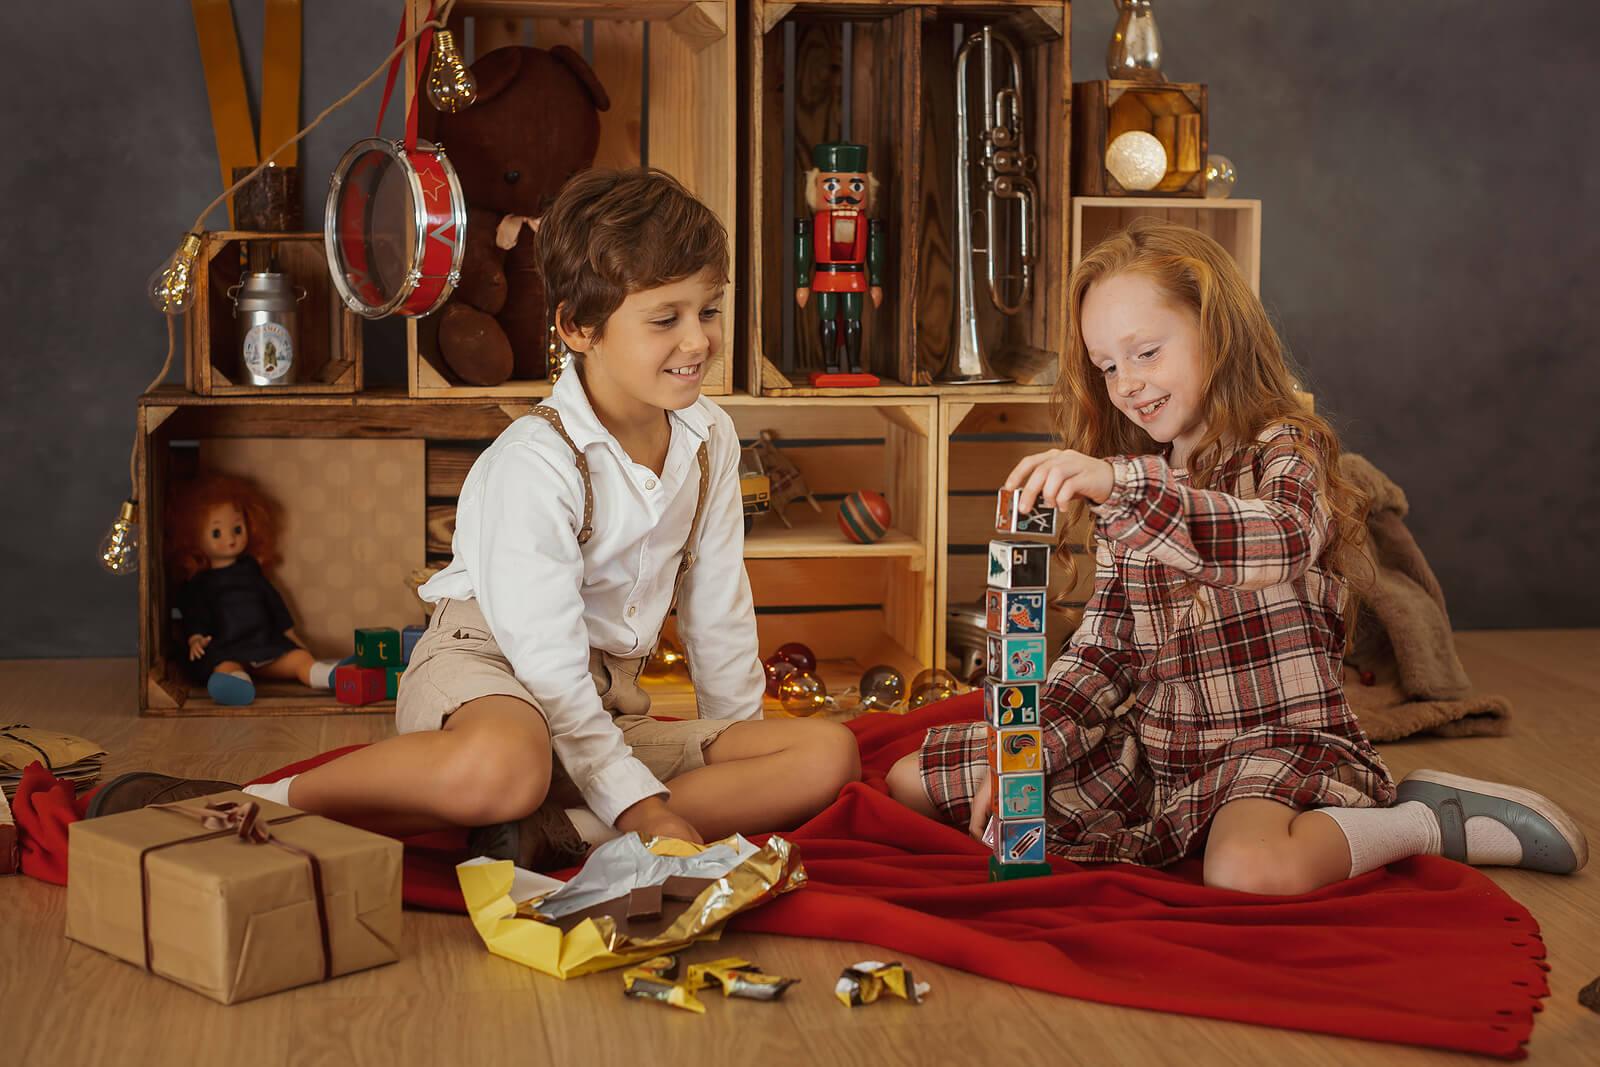 Niño jugando a juegos para disfrutar de la Navidad en familia.